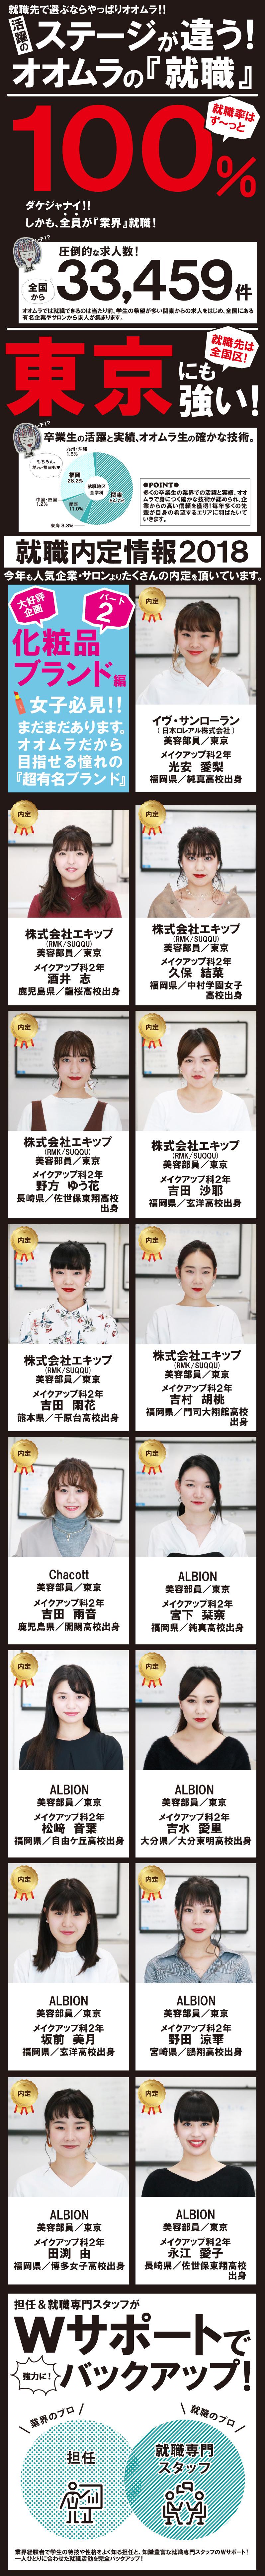 内定者速報 vol.6